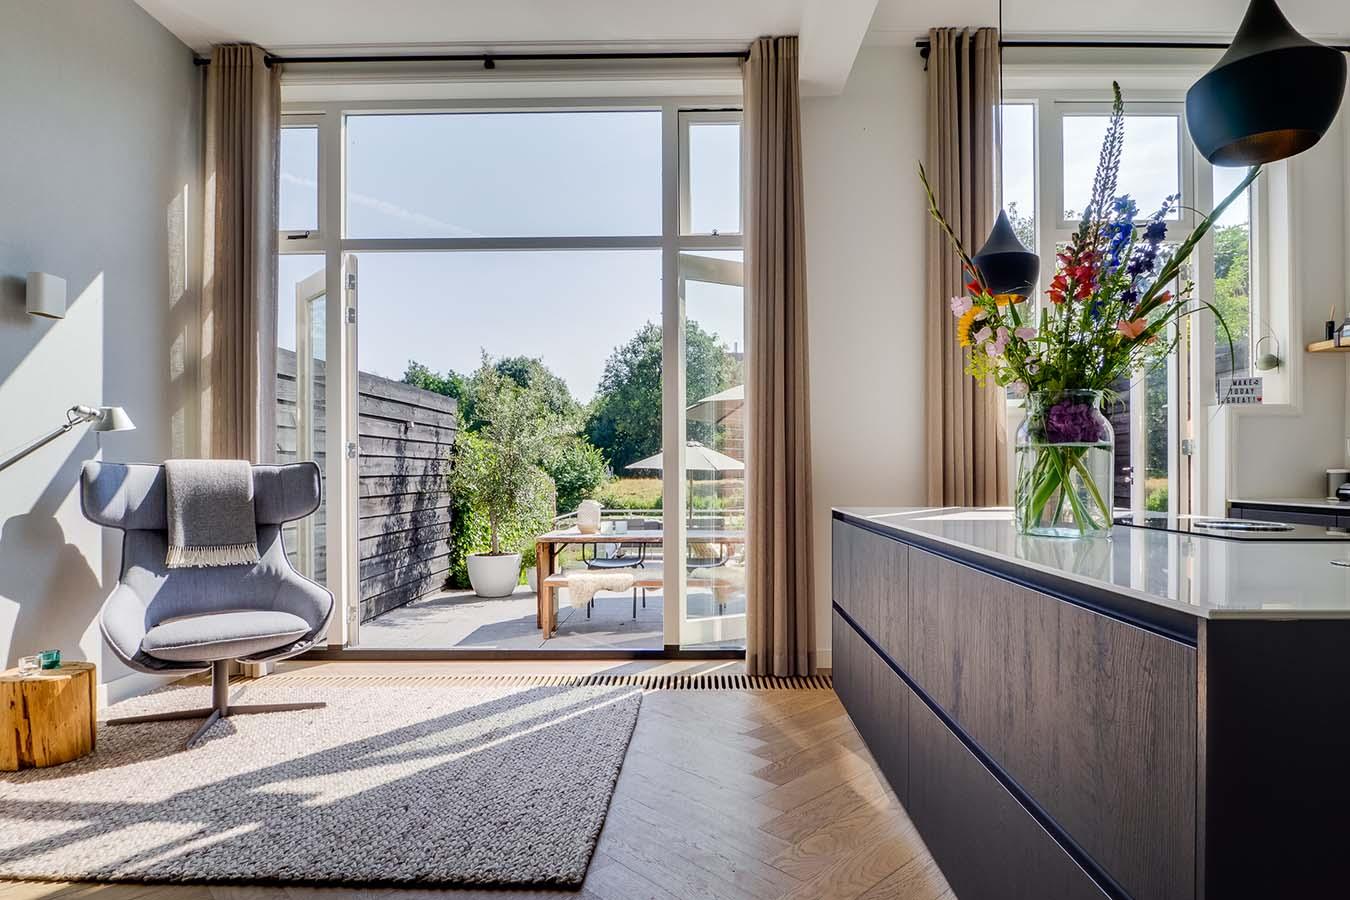 woonkeuken met openstaande deuren naar de tuin